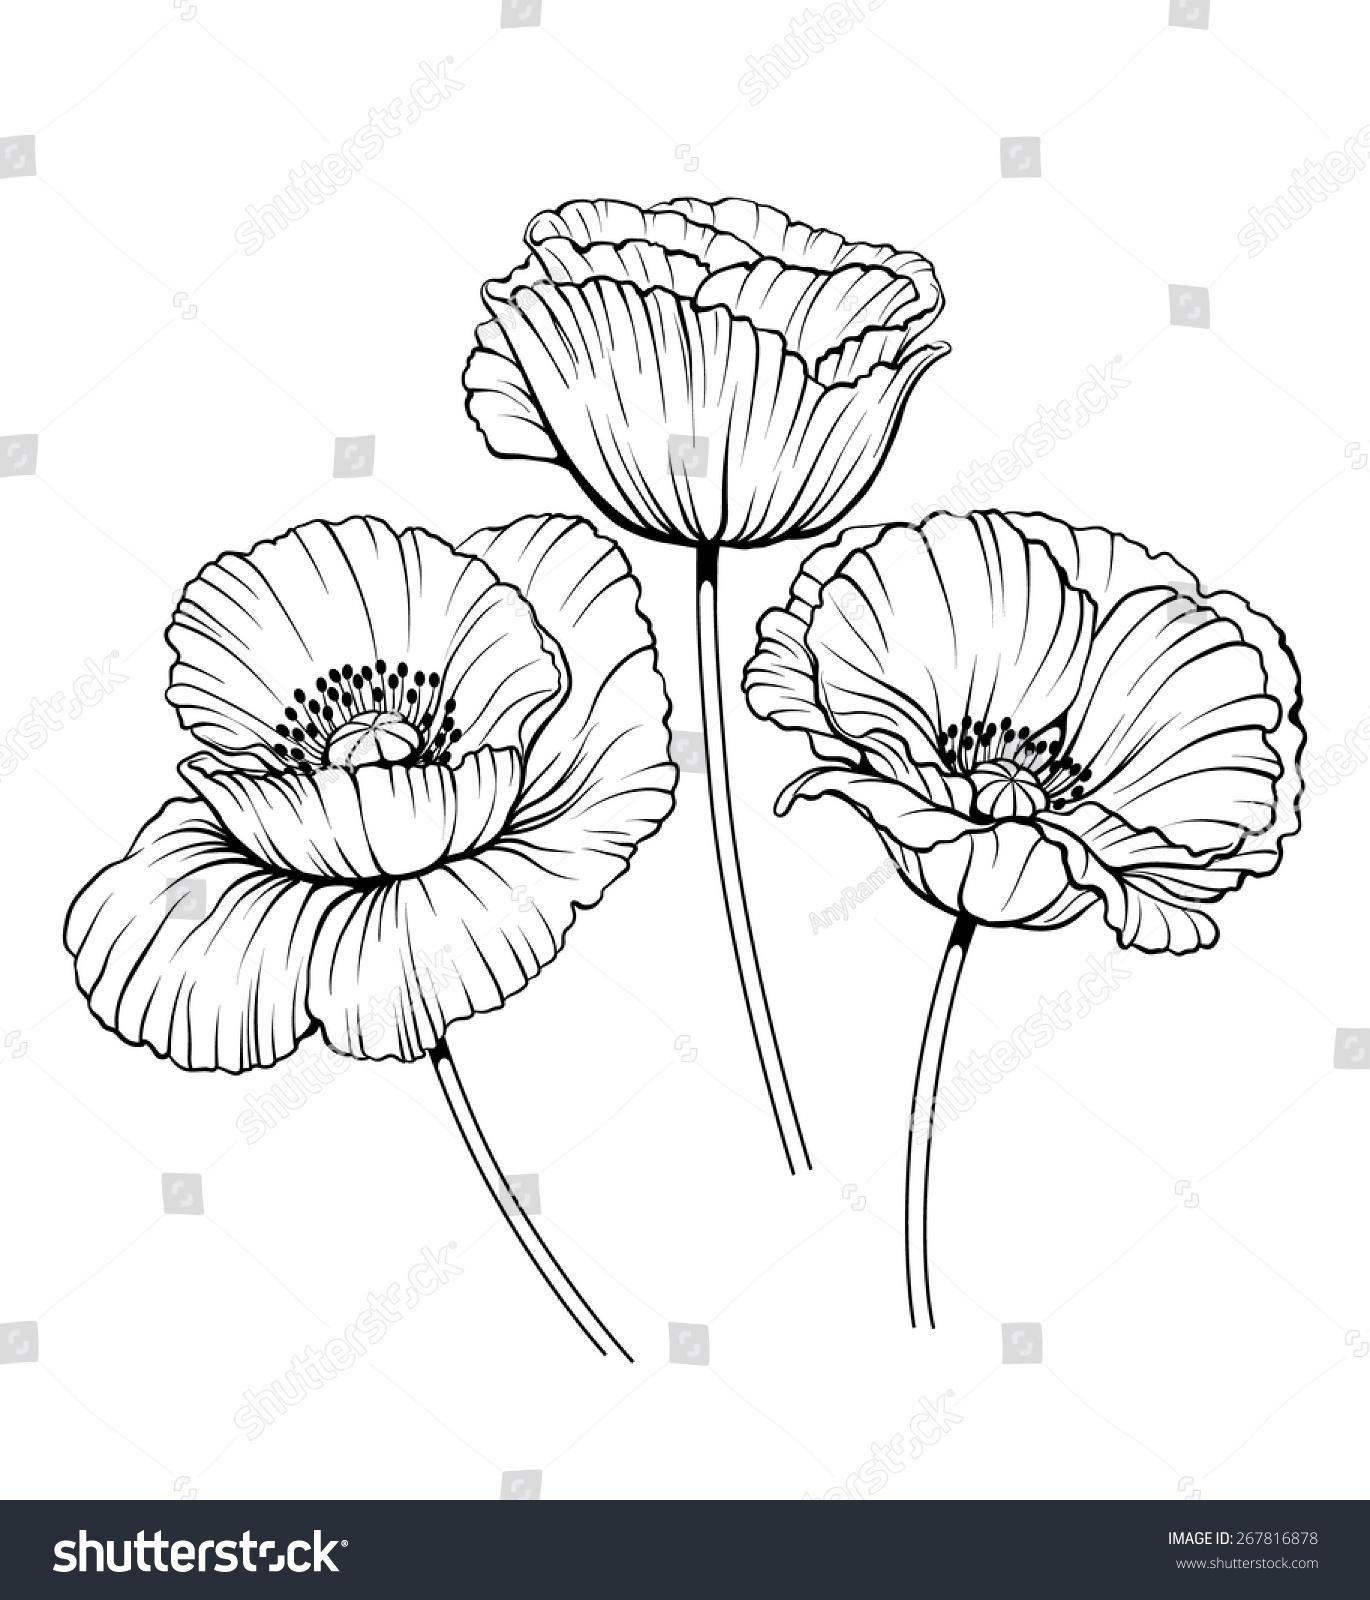 Anemone Flower Line Drawing : Black white illustration poppy flowers stock vector